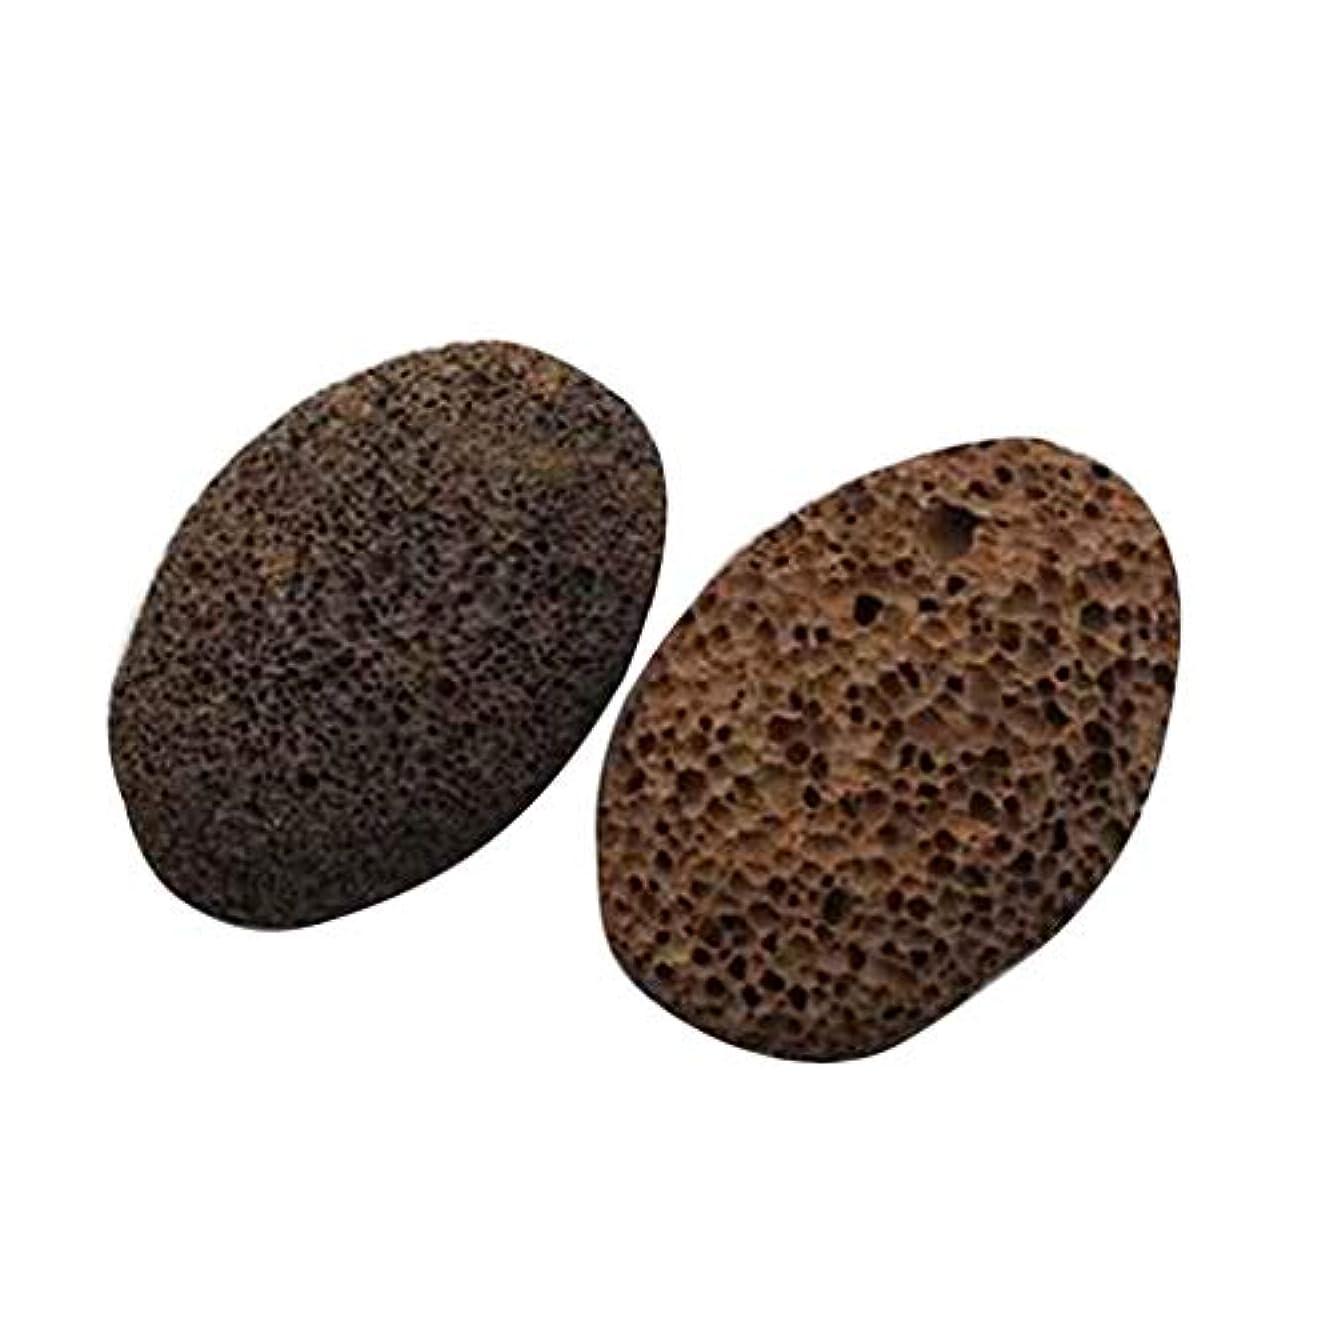 心理的に床触覚Nerhaily 死んだ皮軽石を取り除き 足石を挽いて 自然の火山石を剥がします 足マッサージ石 ワイプ足石 2個セット